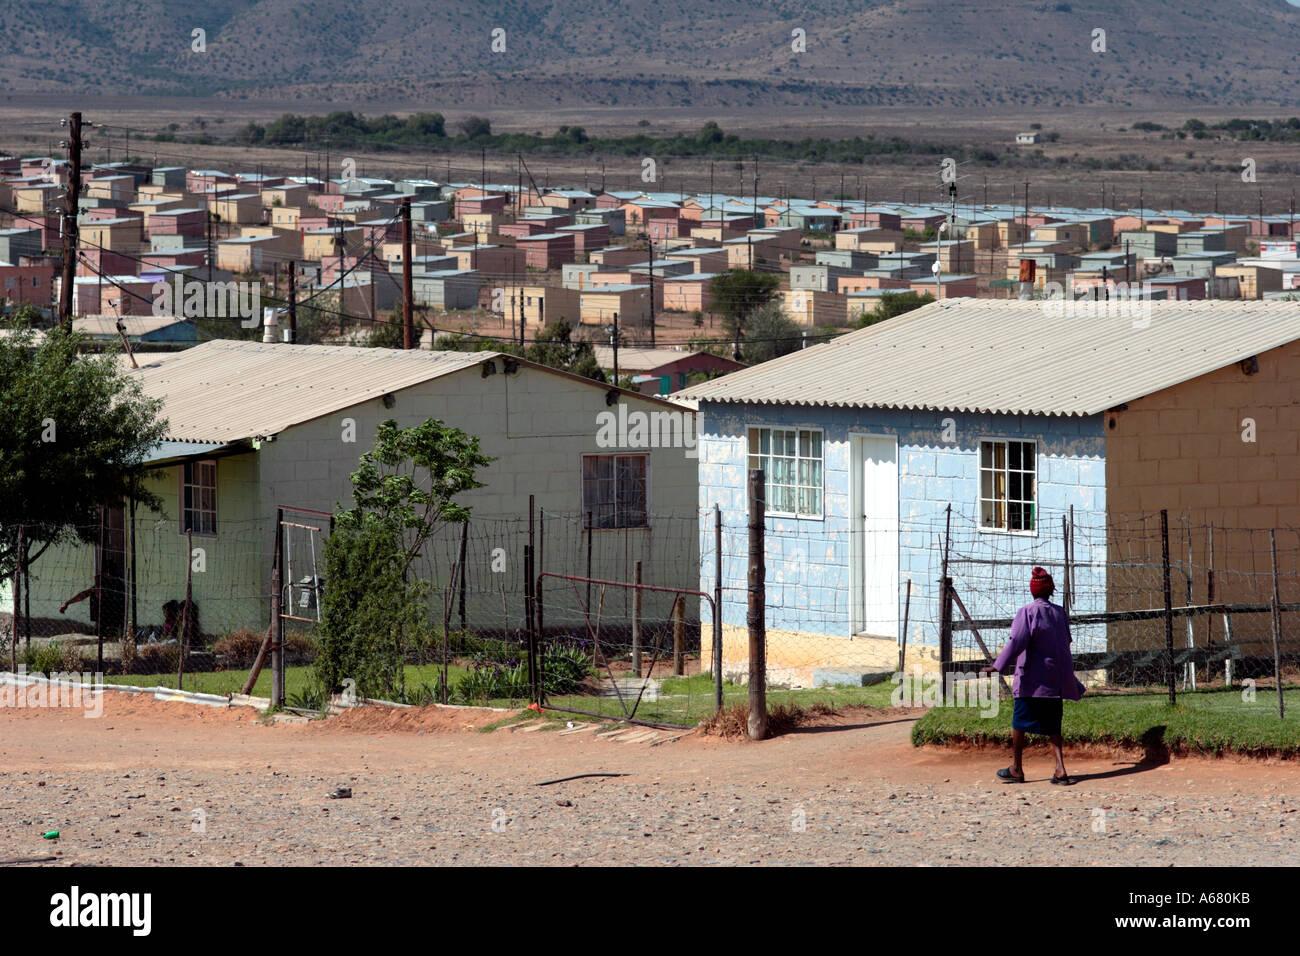 neue h user f r die armen in s dafrika nach der apartheid stockfoto bild 6565946 alamy. Black Bedroom Furniture Sets. Home Design Ideas